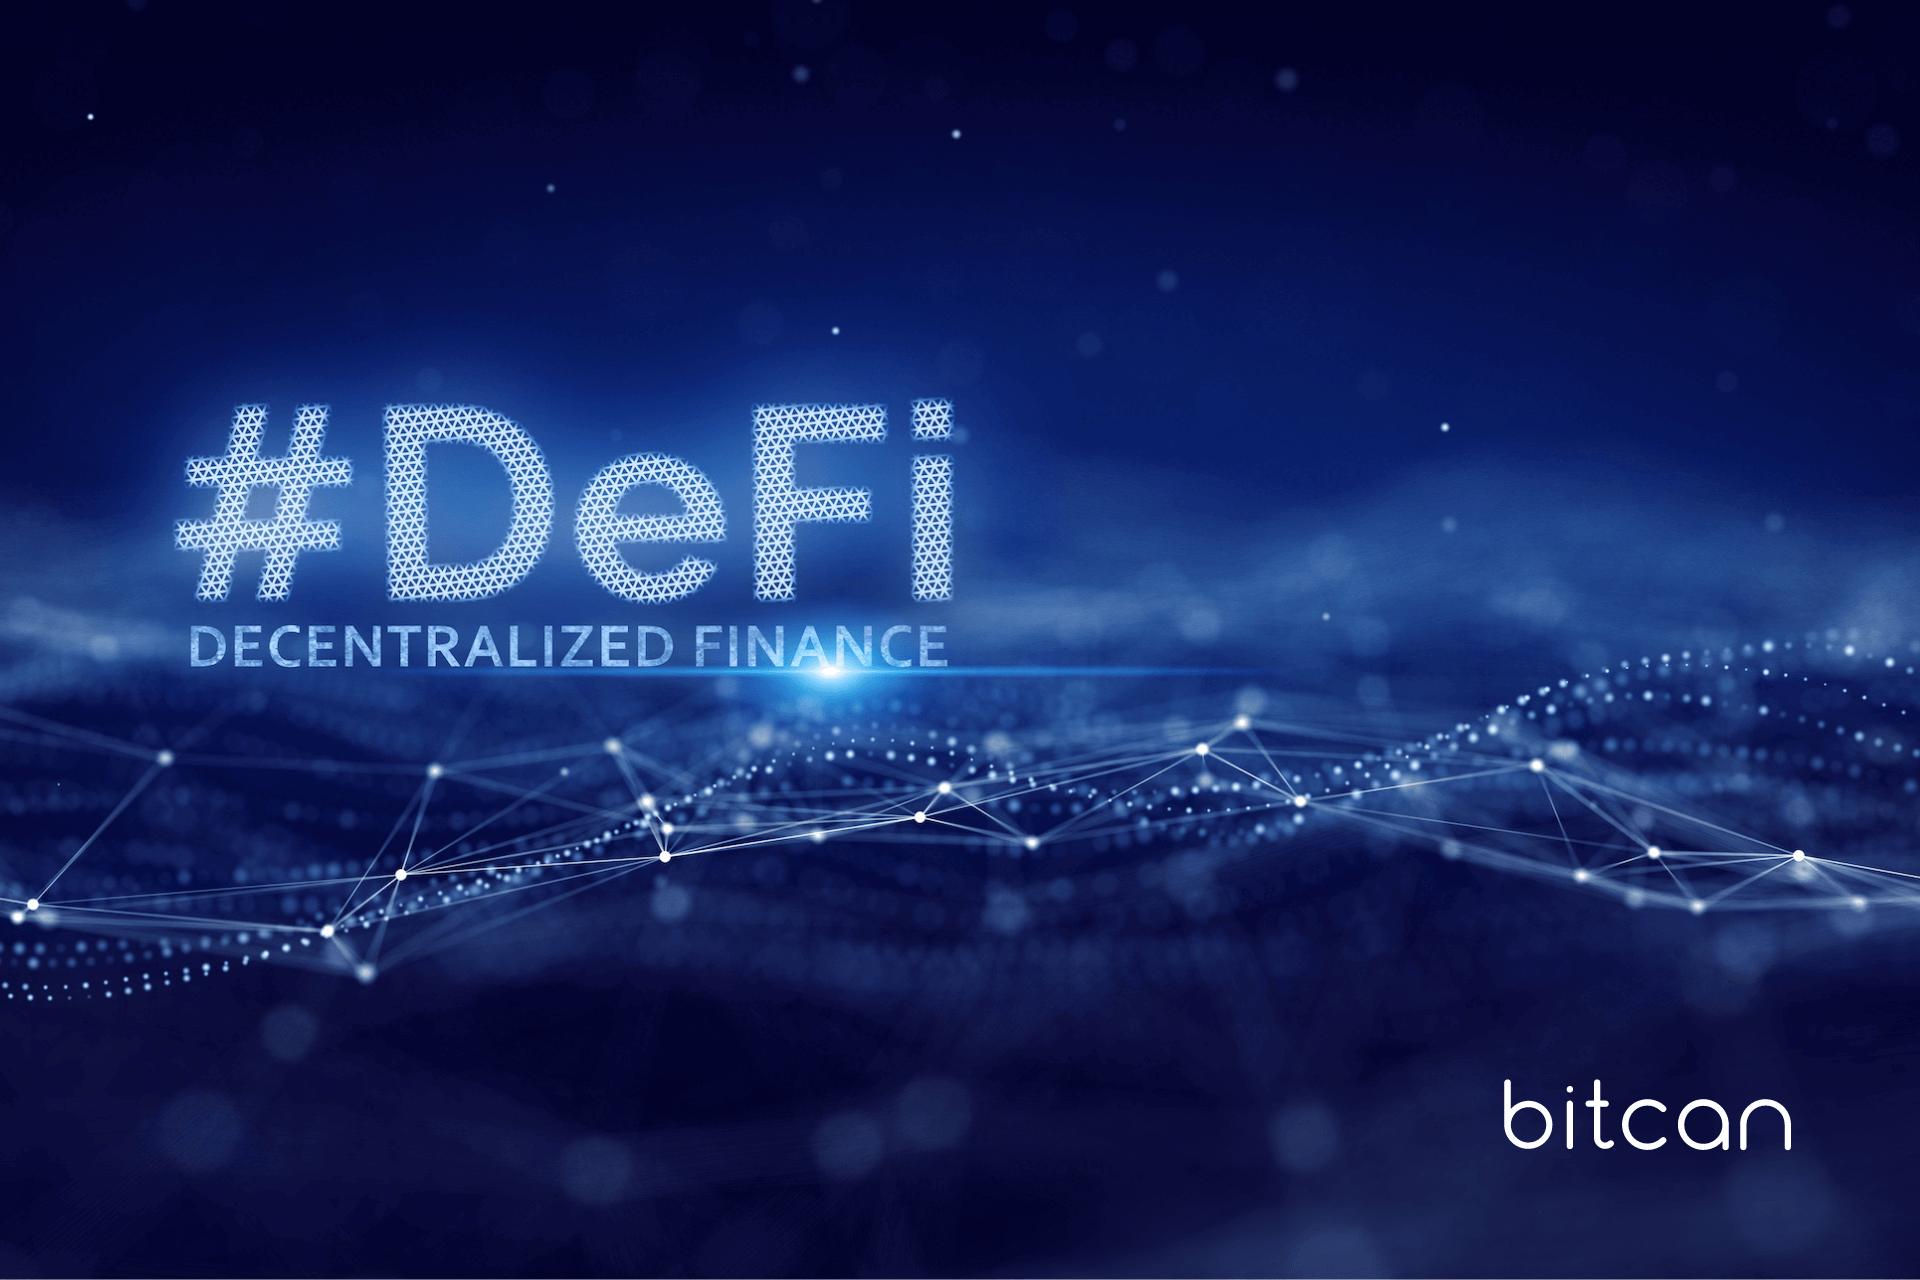 Zdecentralizowane finanse (DeFi) na rynku kryptowalut staną się pożywką dla oszustów